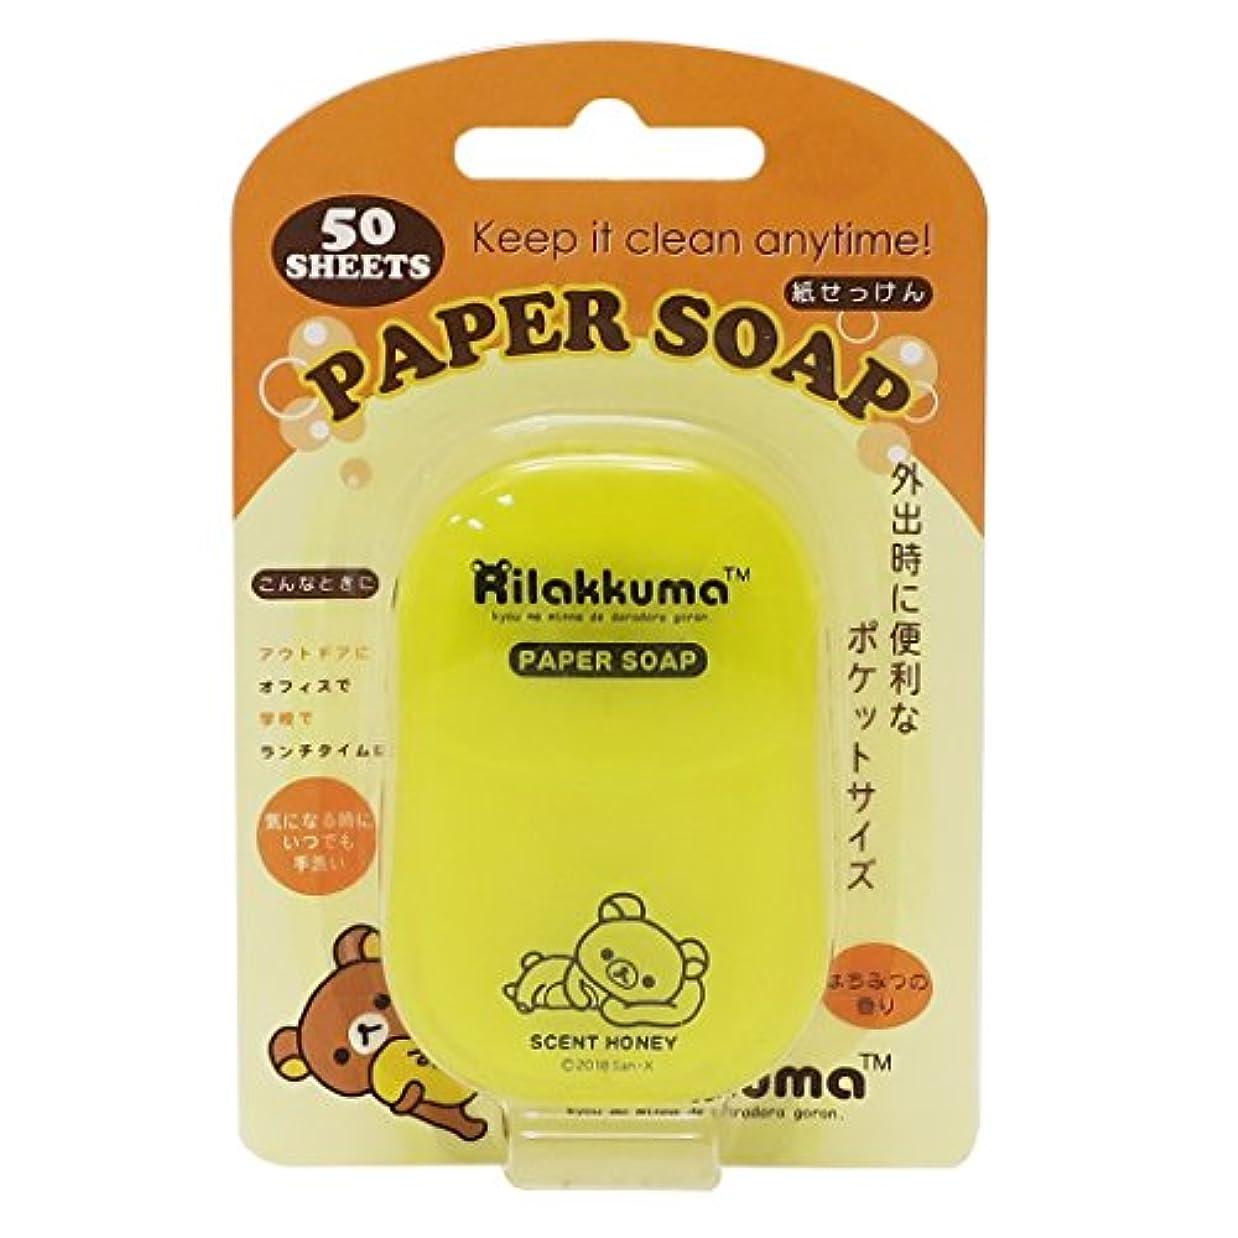 起こりやすいビバ厚いリラックマ[衛生雑貨]紙せっけん50枚入り/はちみつの香り サンエックス